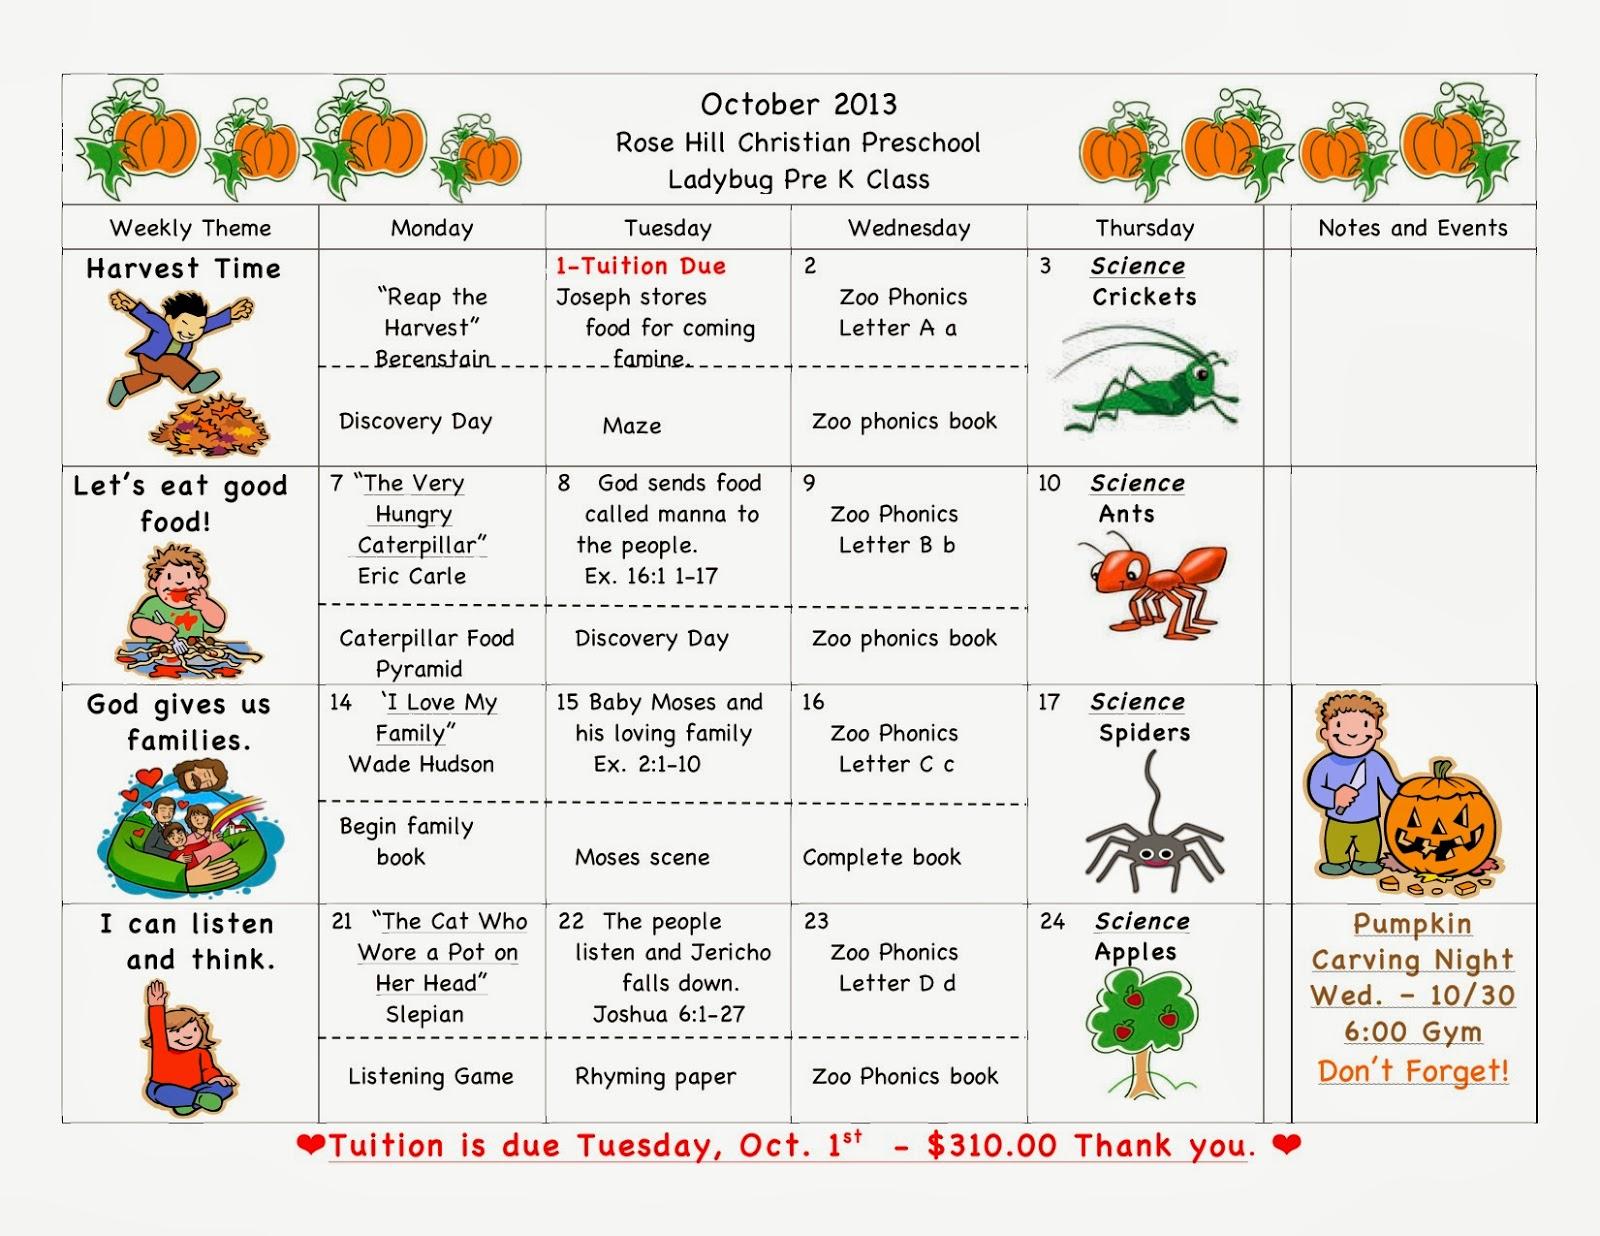 October Calendar Ideas For Preschool : Rose hill christian preschool news